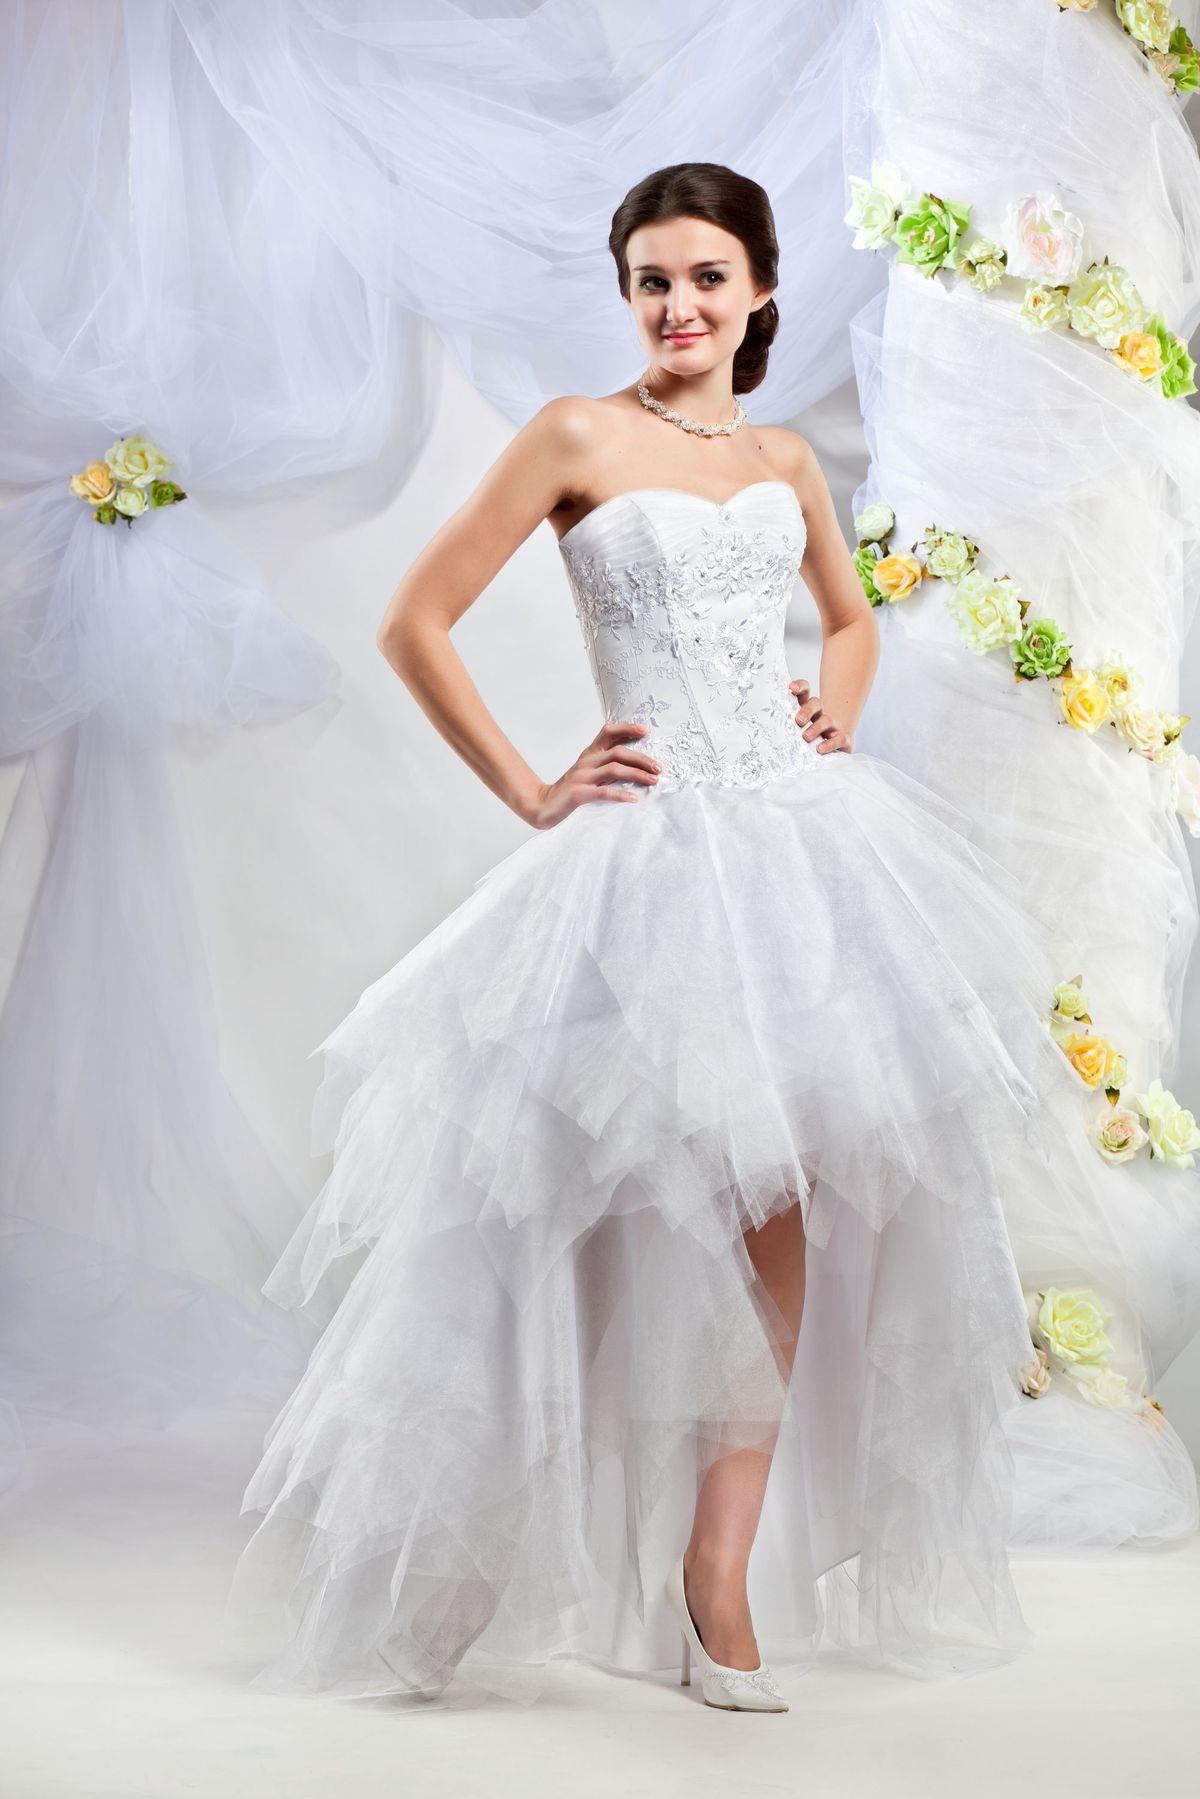 Купить Короткое Свадебное Платье В Москве Недорого До 5000